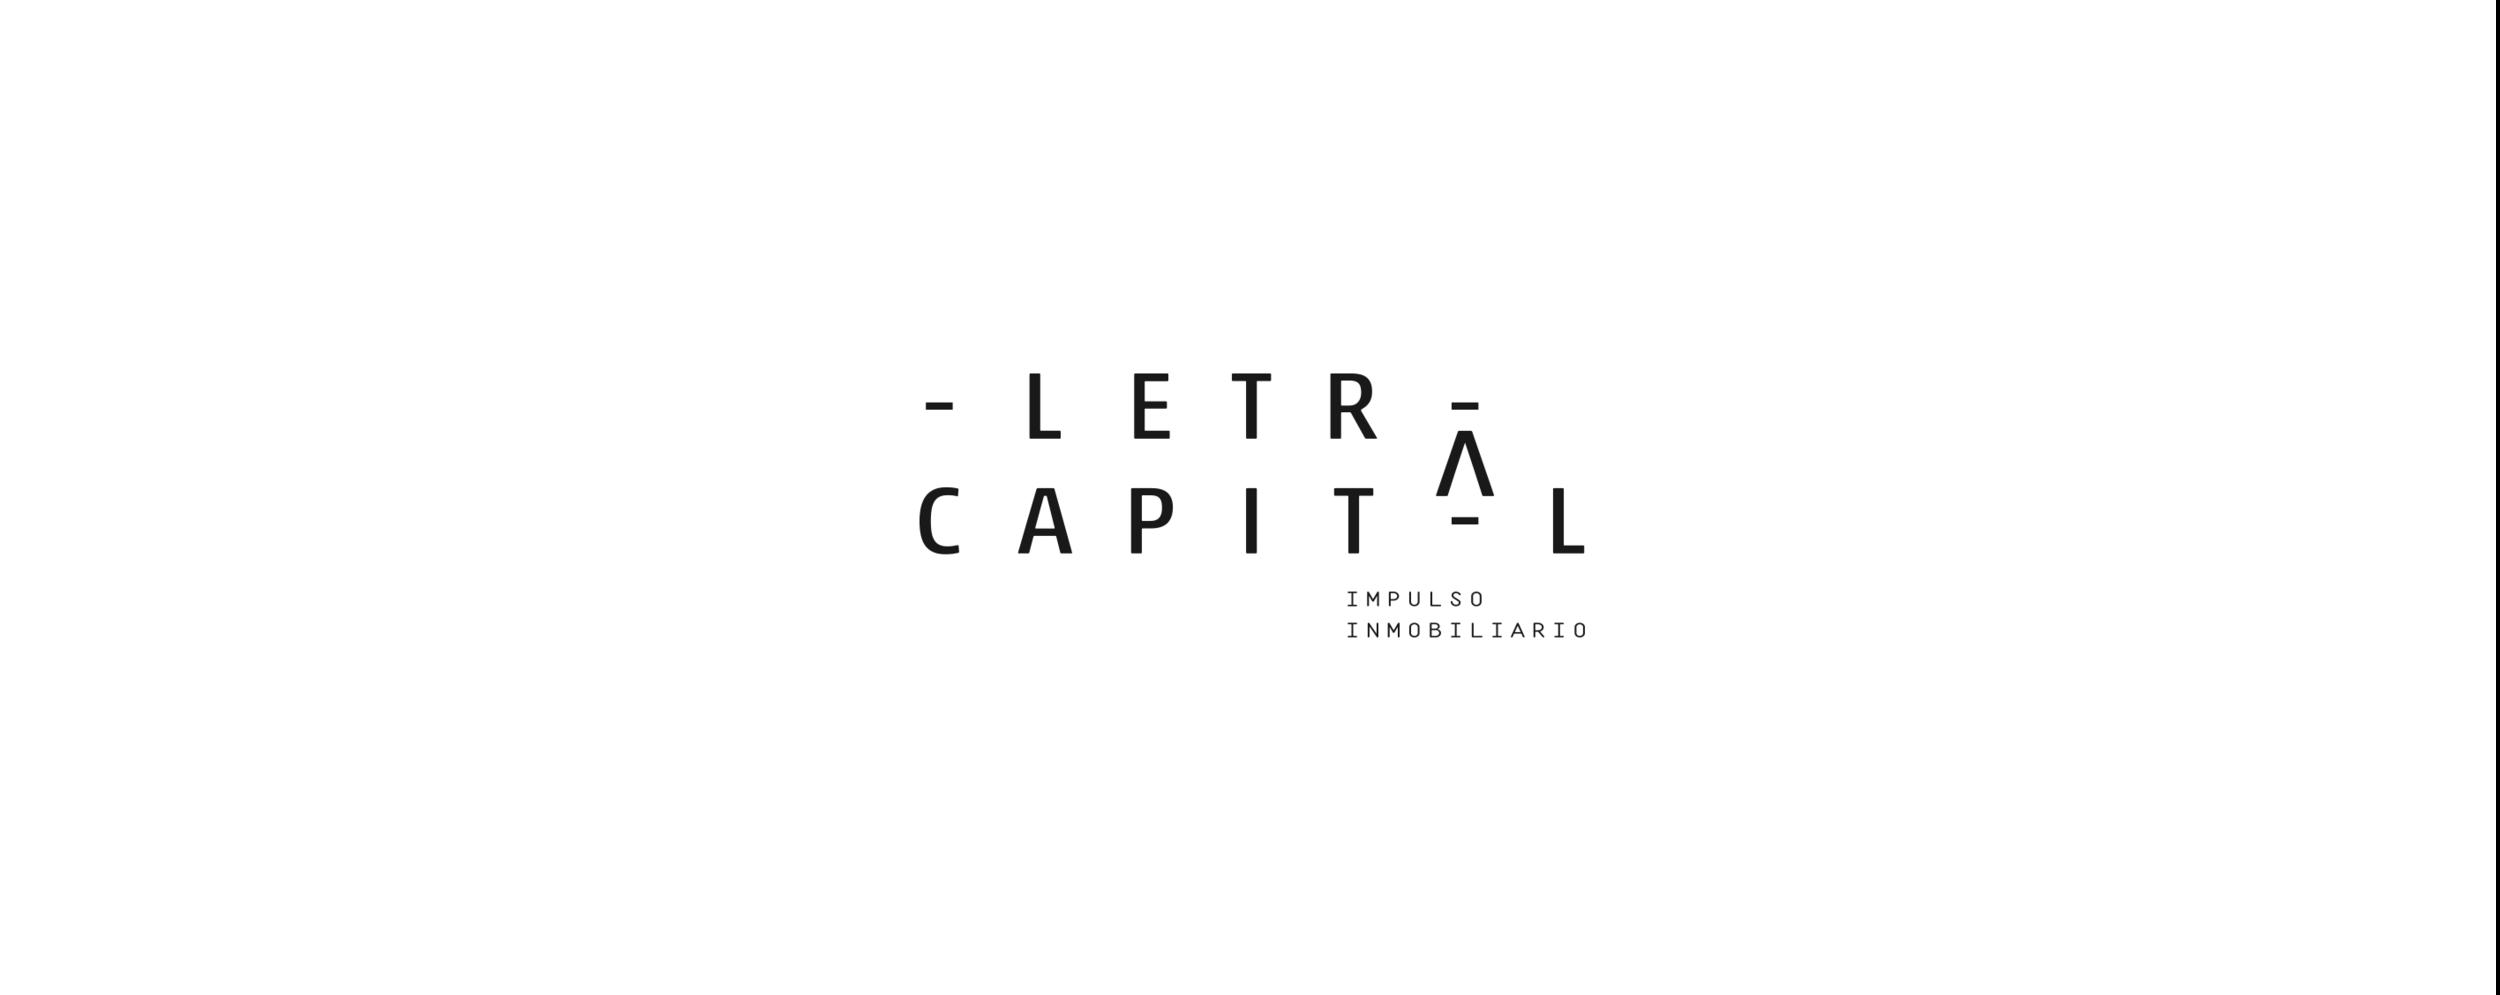 Letra-capital.png